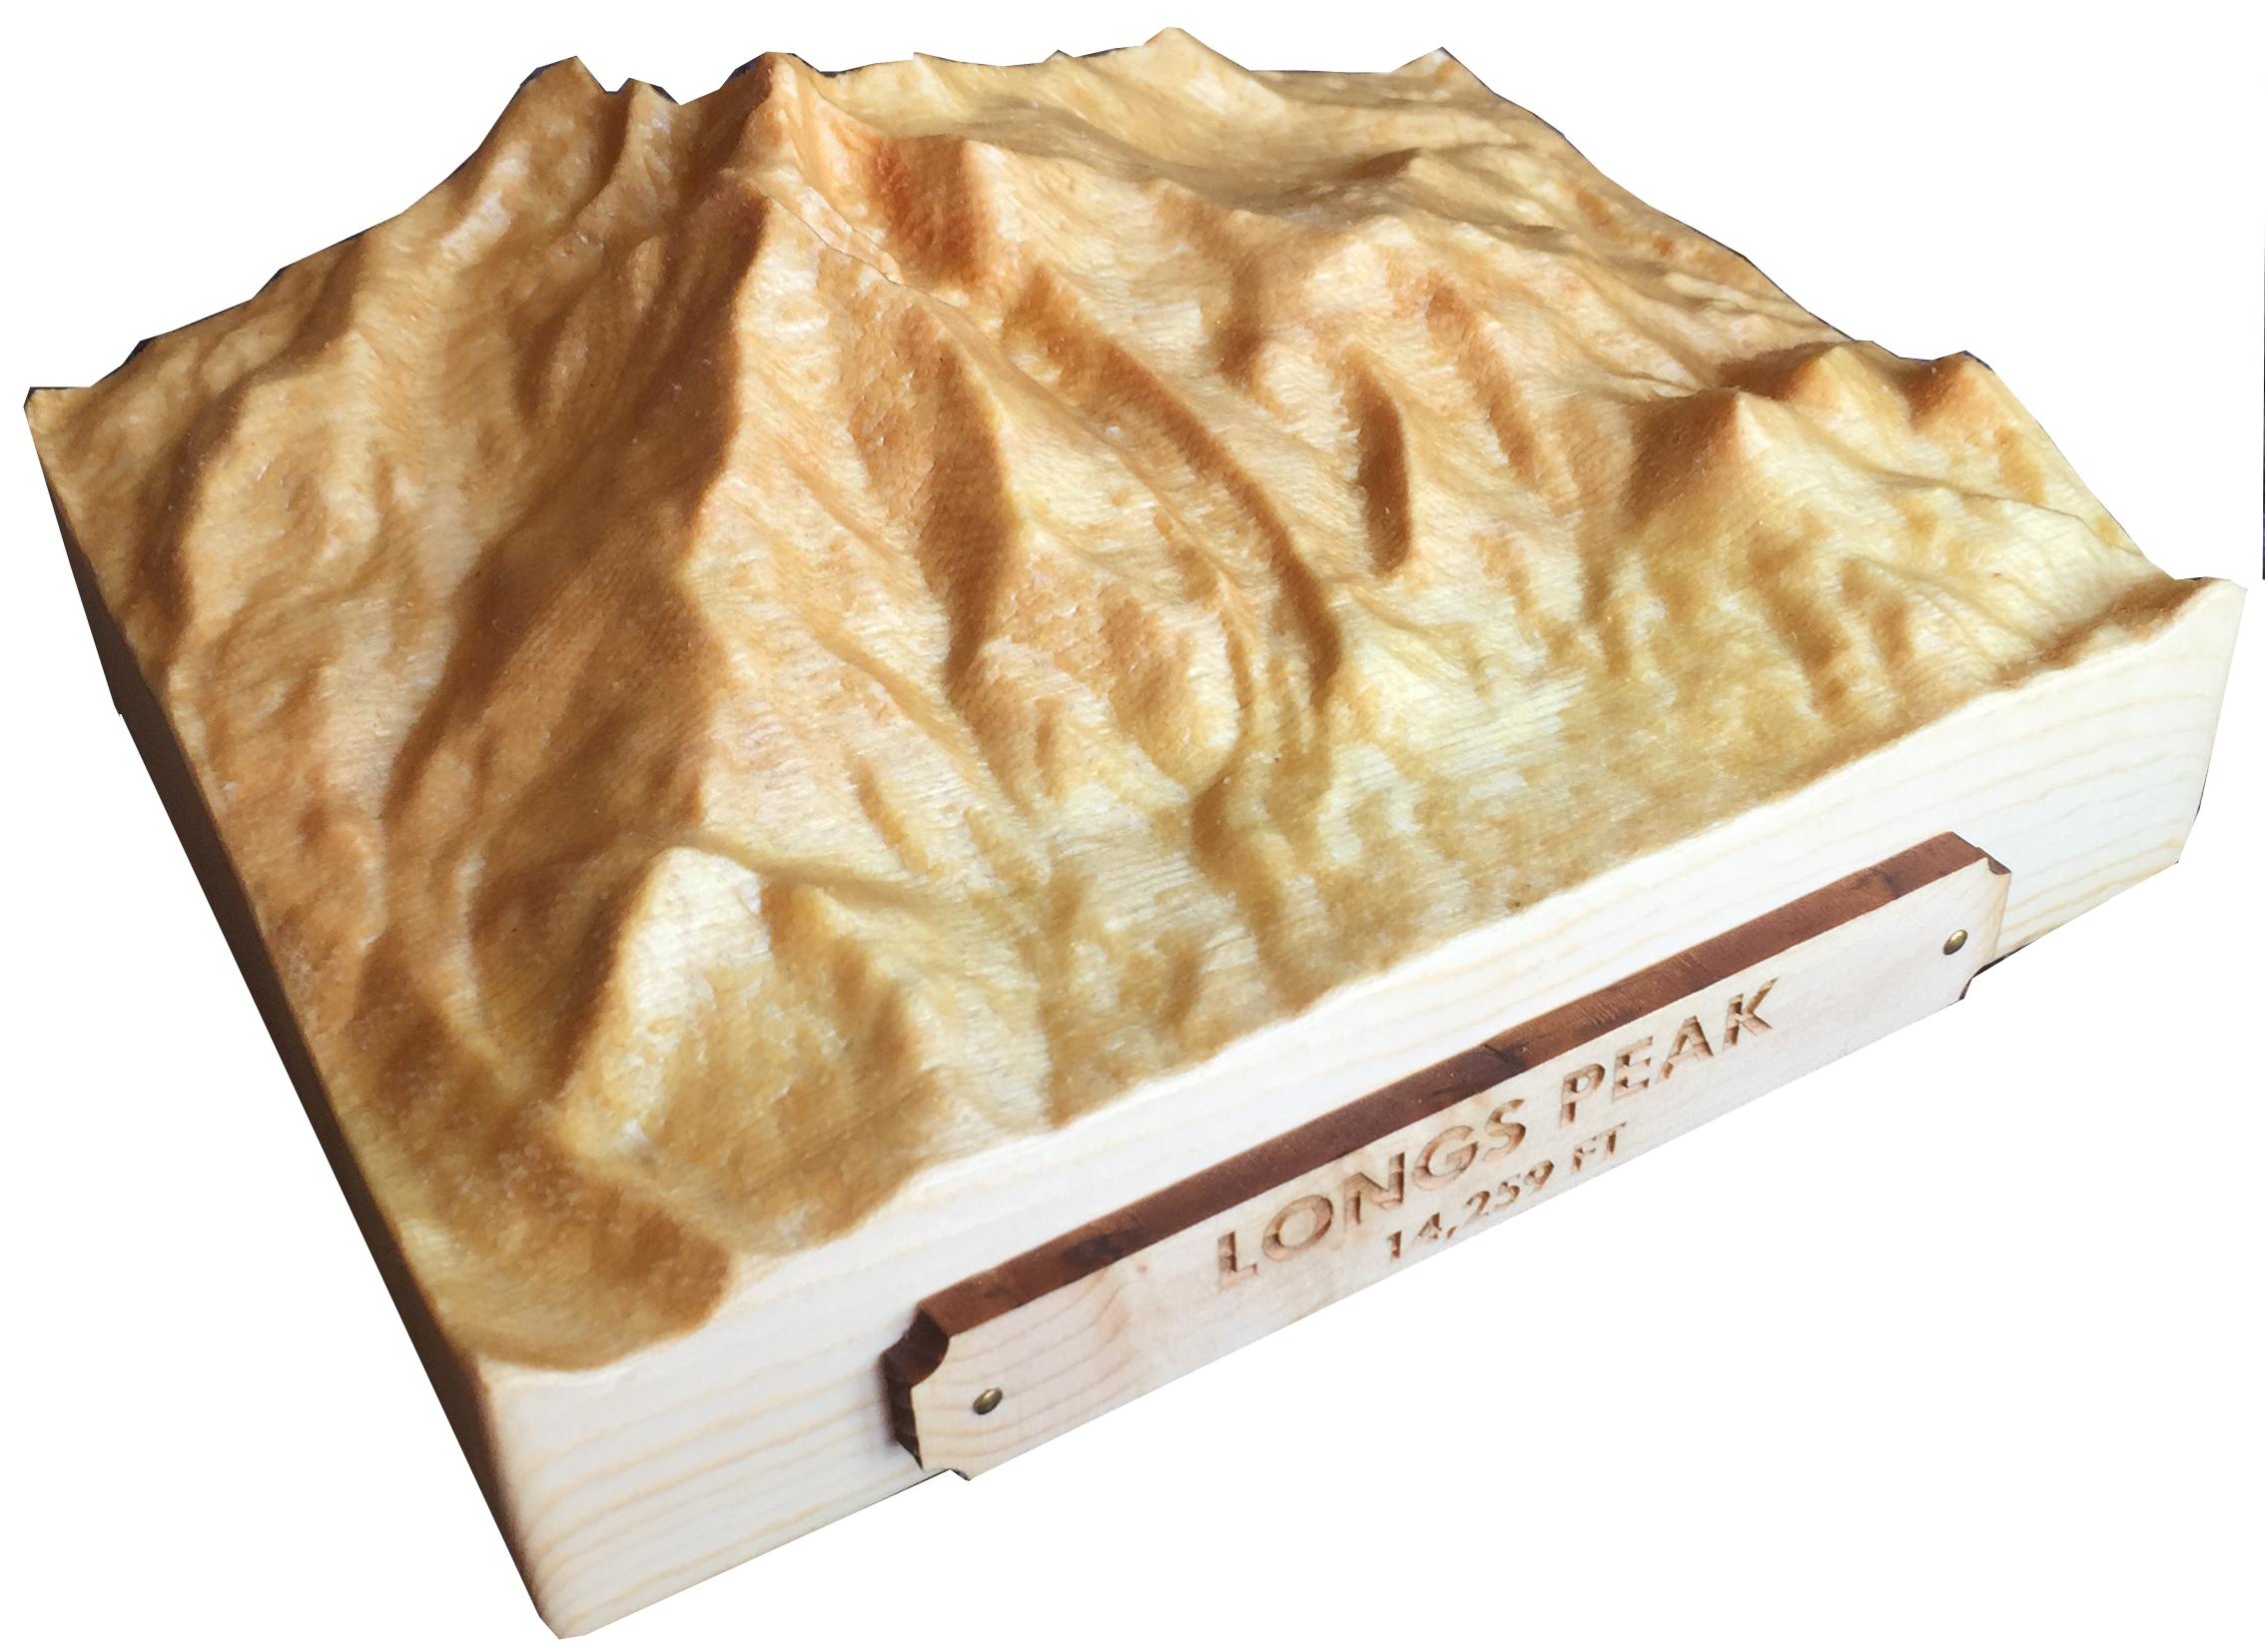 Longs Peak Gift Carving.jpg